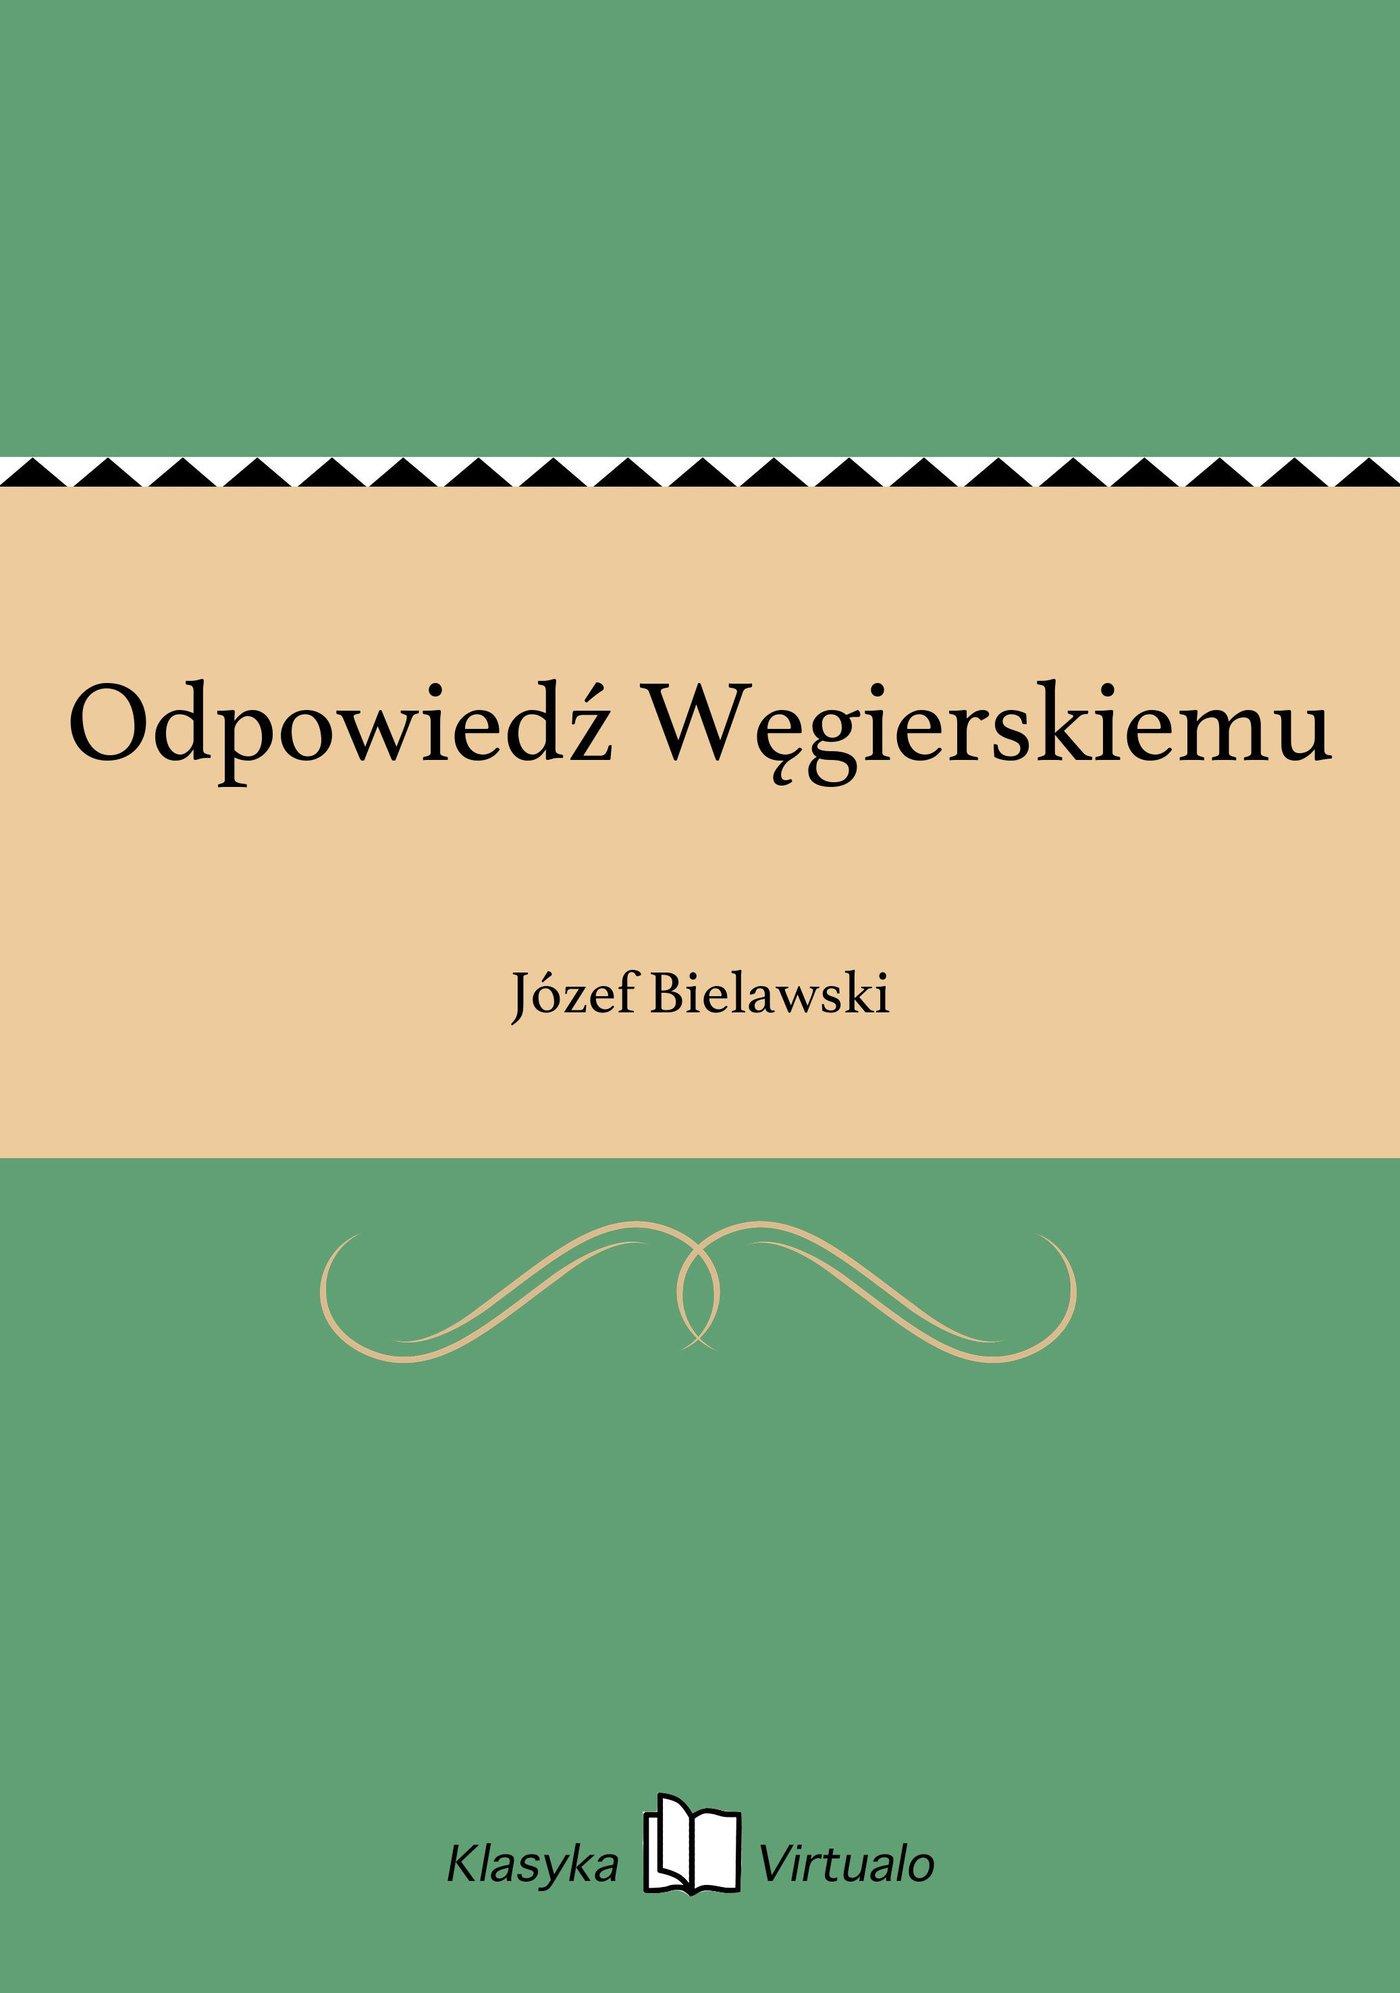 Odpowiedź Węgierskiemu - Ebook (Książka EPUB) do pobrania w formacie EPUB